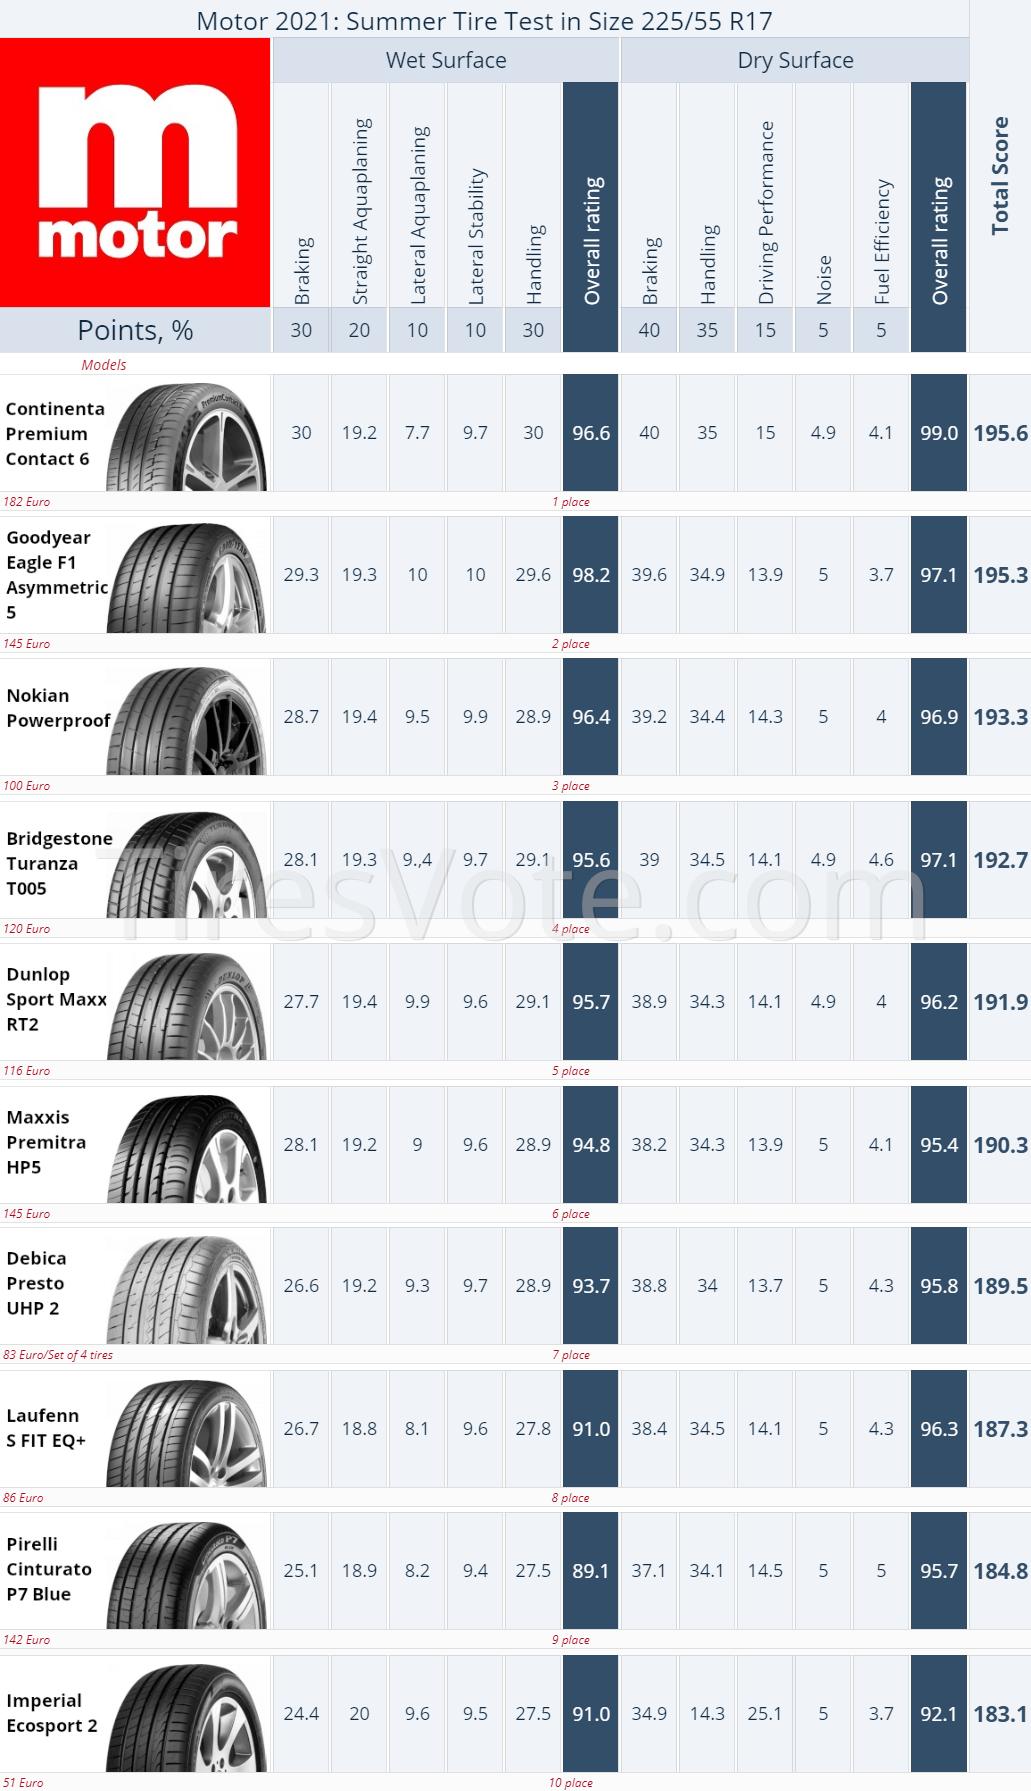 Summer Tire Test Results 225/55R17, Auto Bild 2021